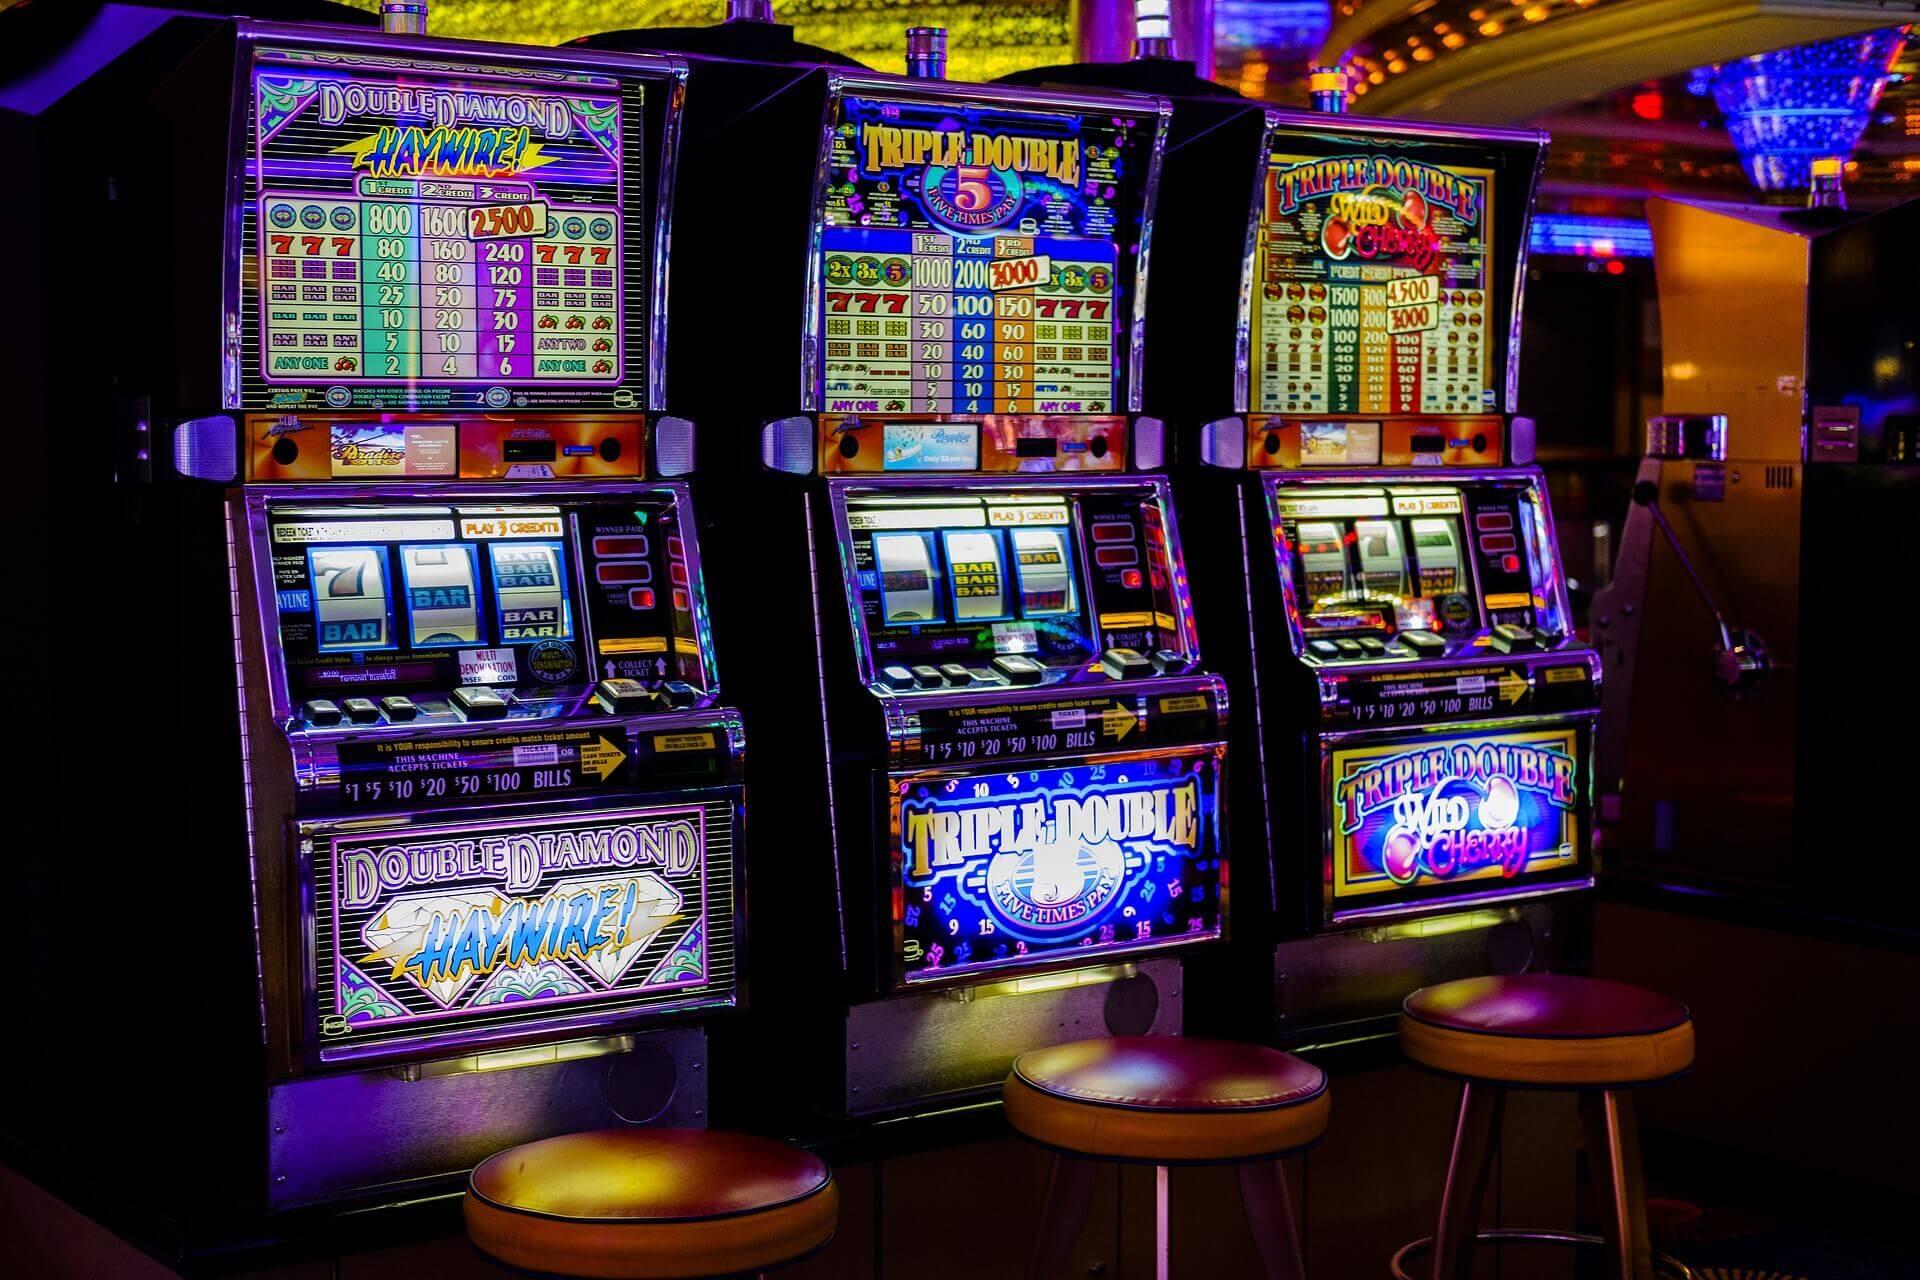 Máy đánh bạc-Trò chơi đánh bạc